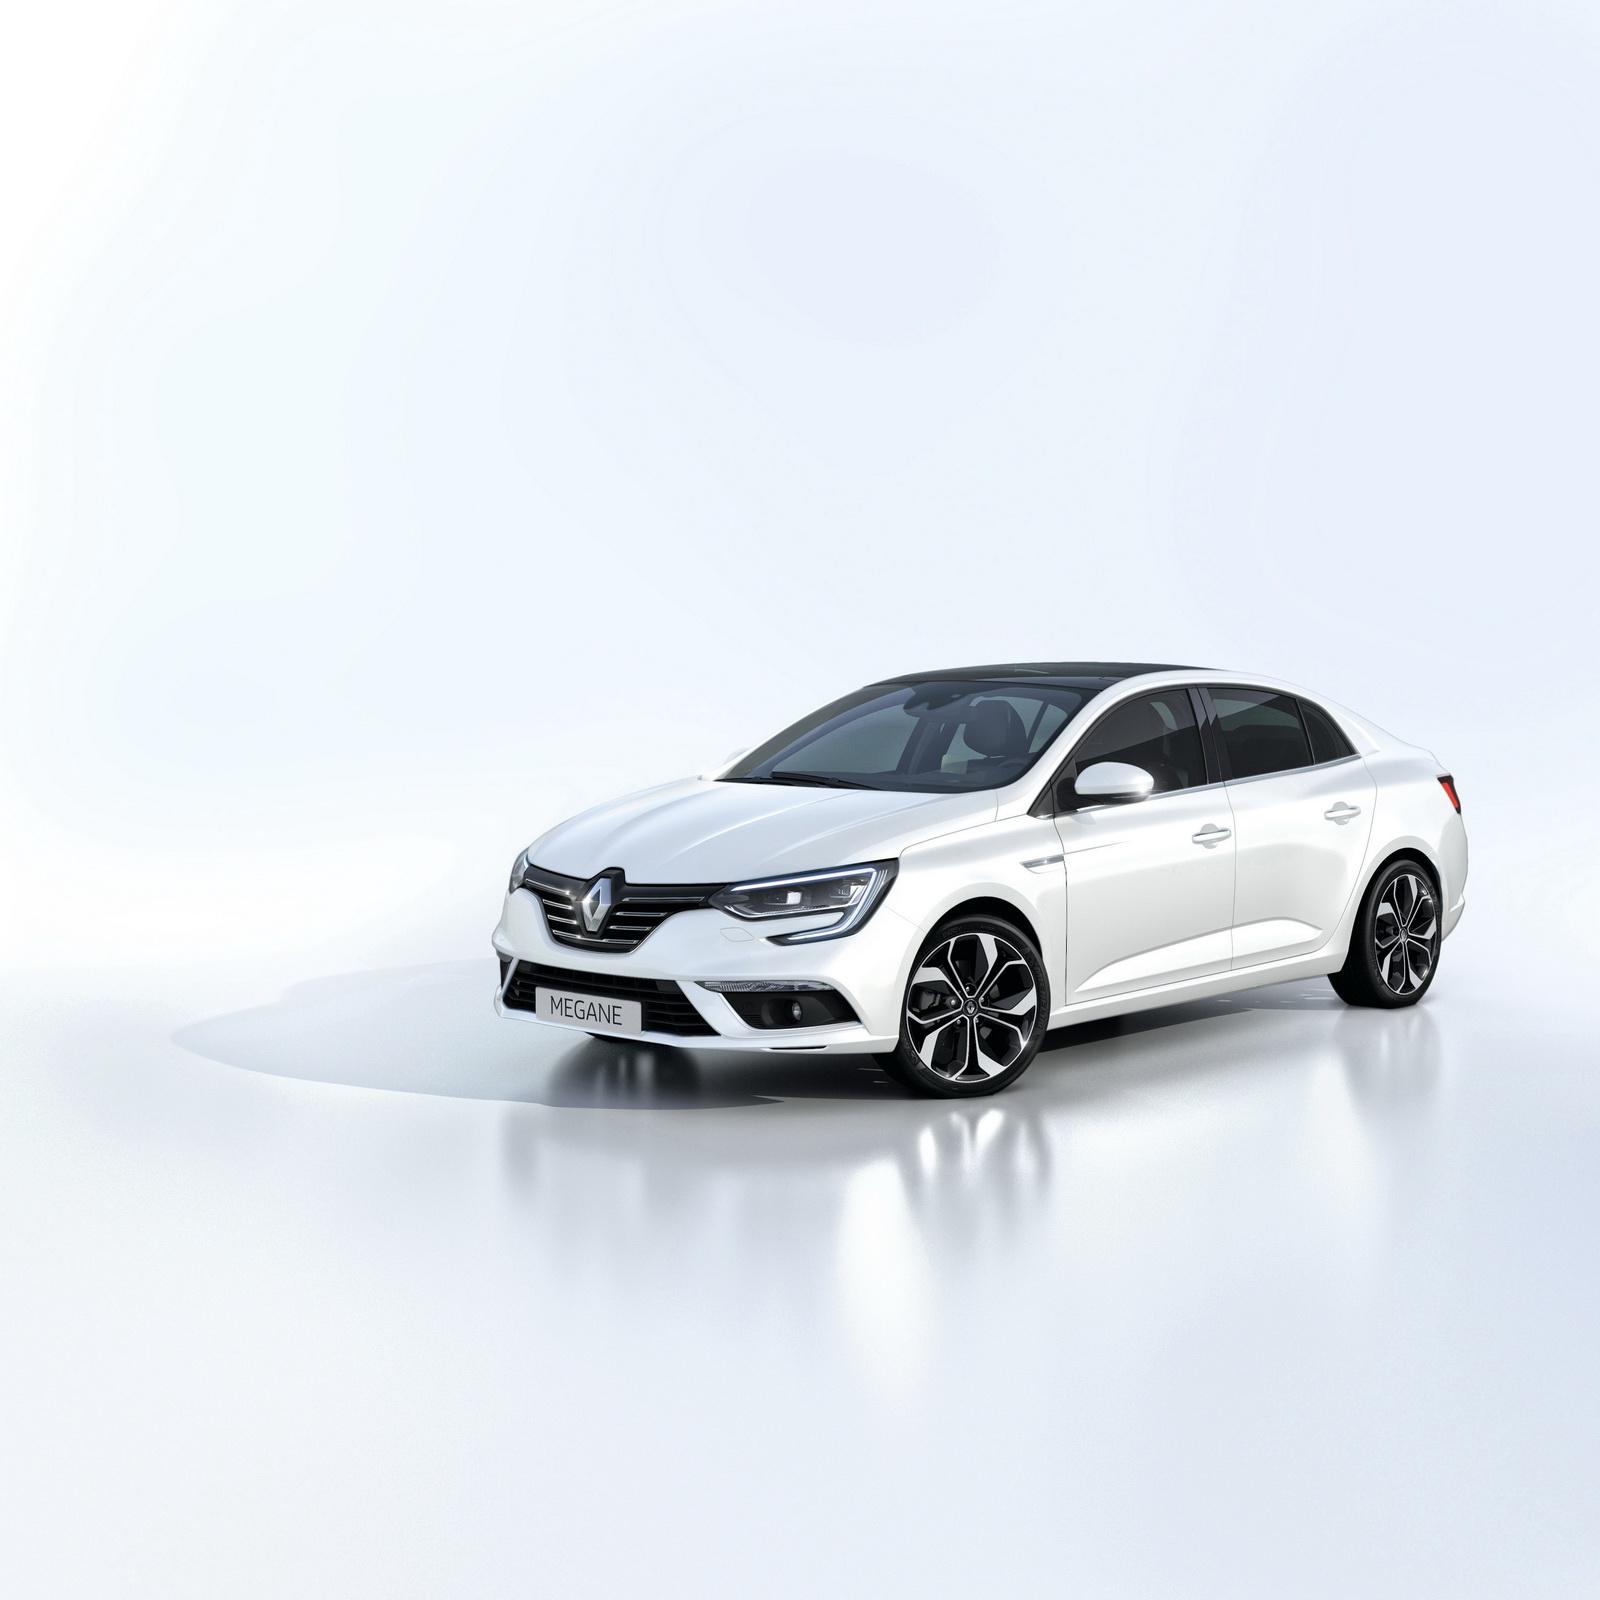 new renault megane sedan joins the range carscoops. Black Bedroom Furniture Sets. Home Design Ideas